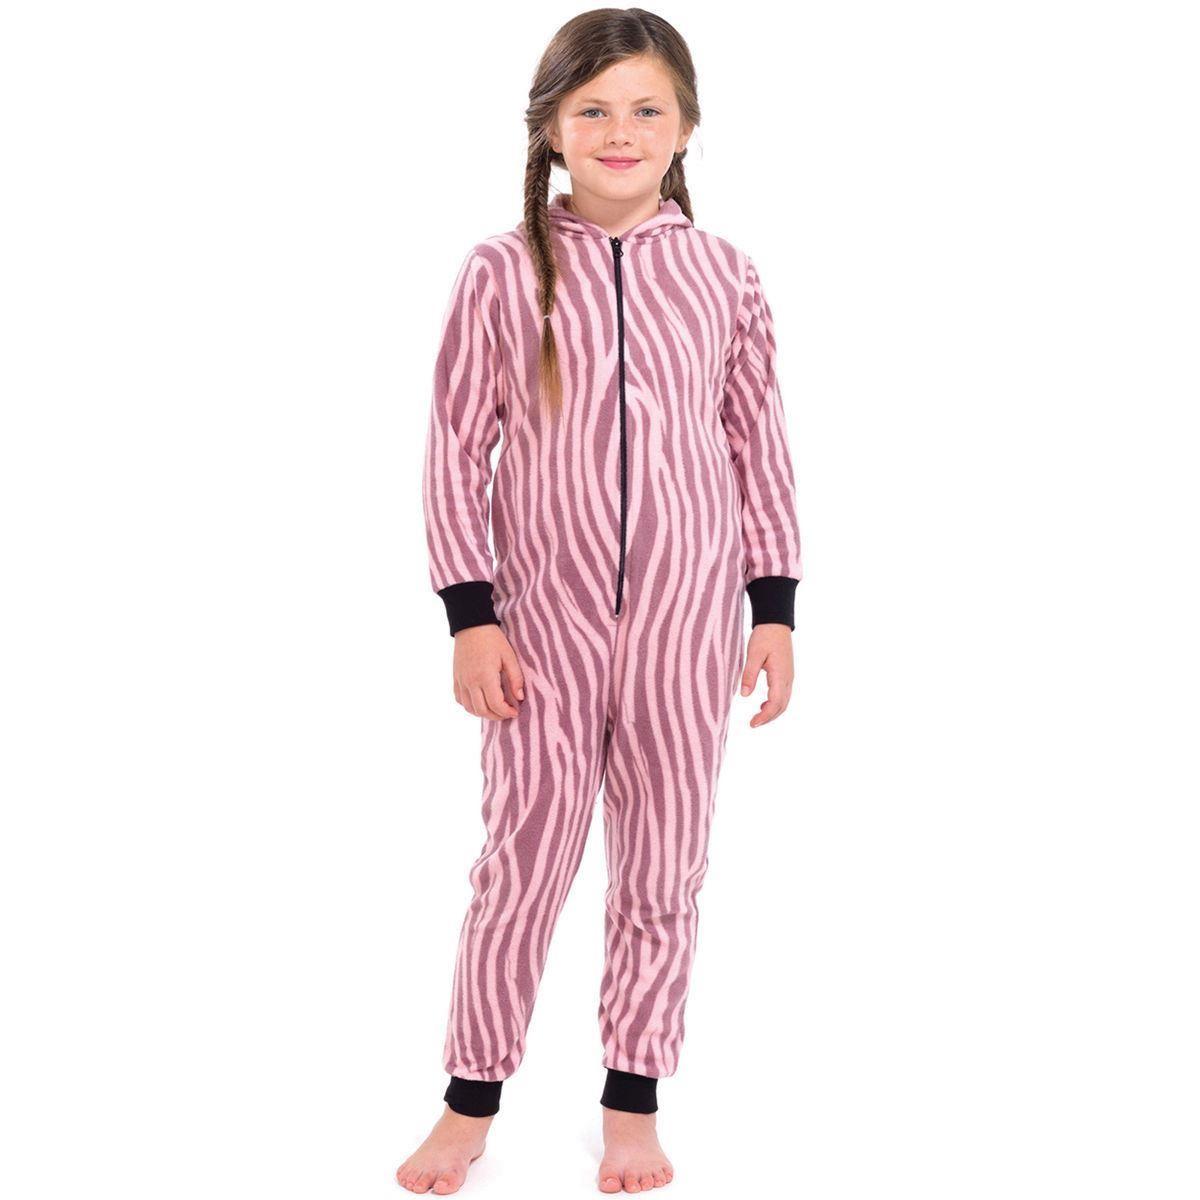 Girls Zebra Print Onesie - Pink